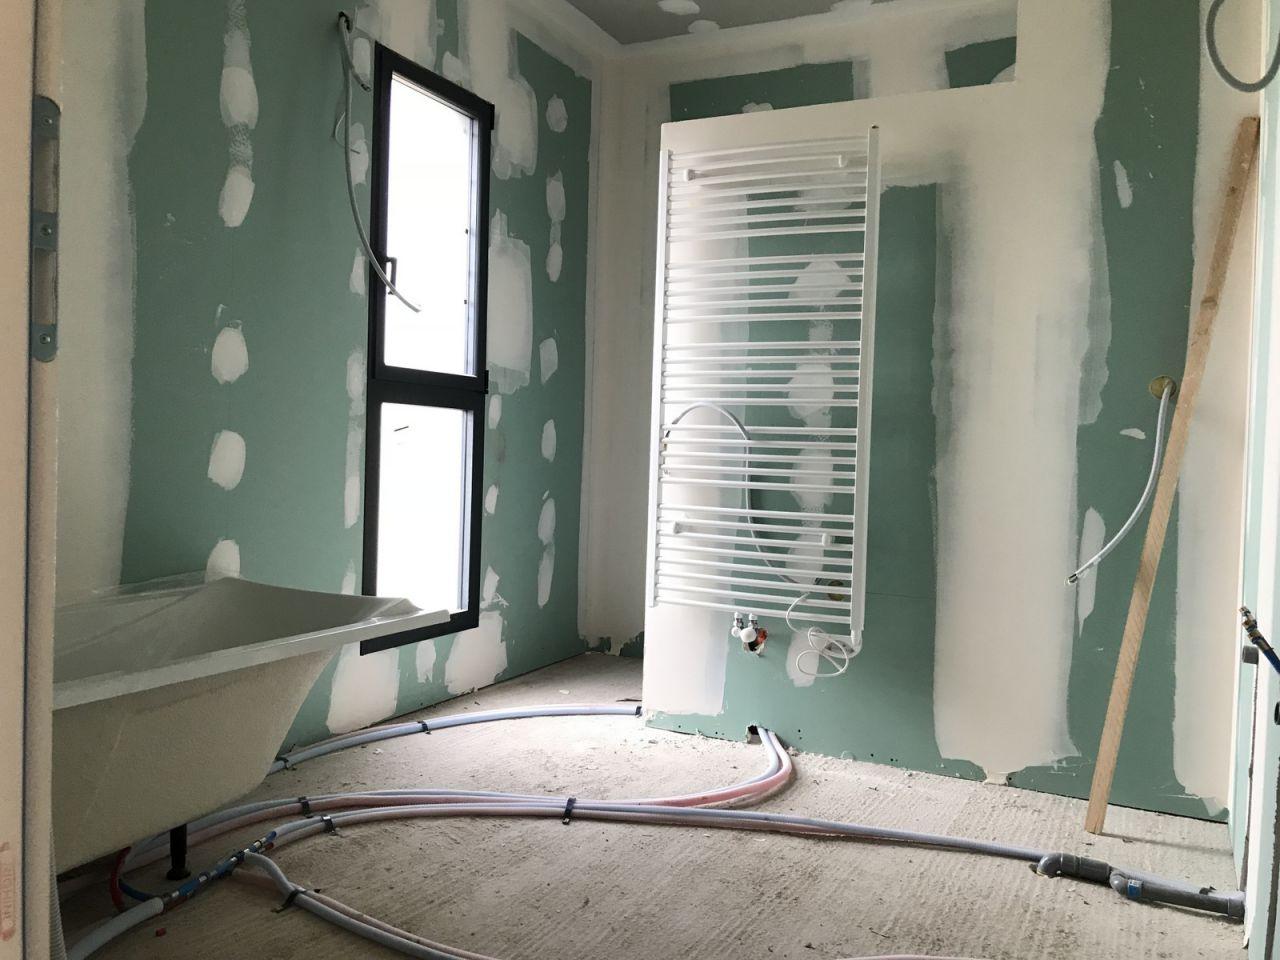 Salle de bain de l'étage - Chauffe serviette et baignoire